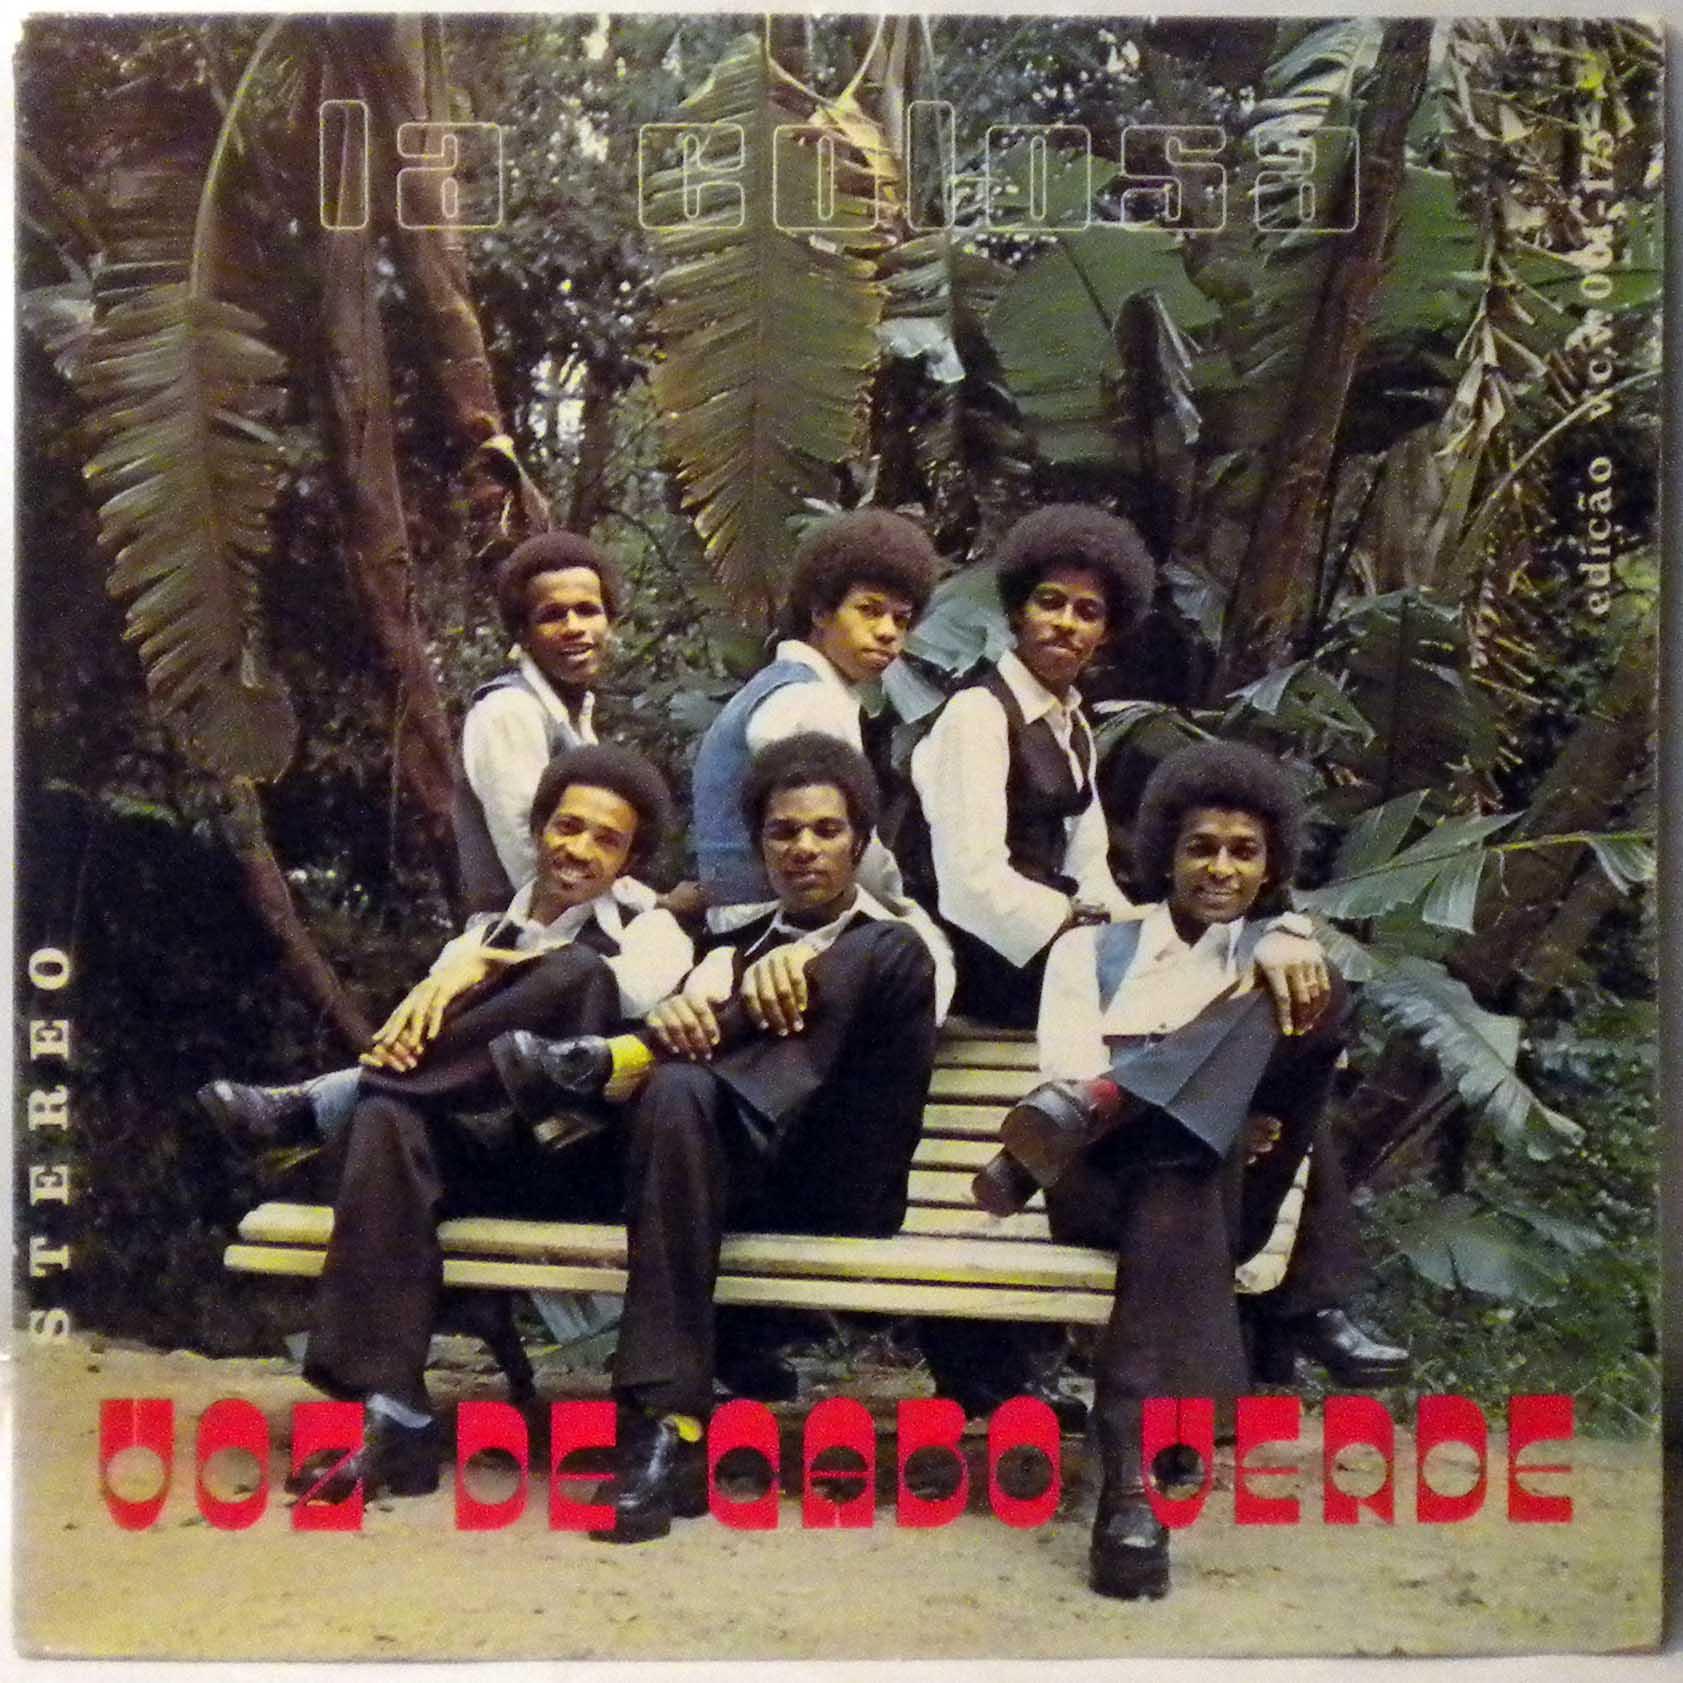 VOZ DE CABO VERDE - La colosa - LP